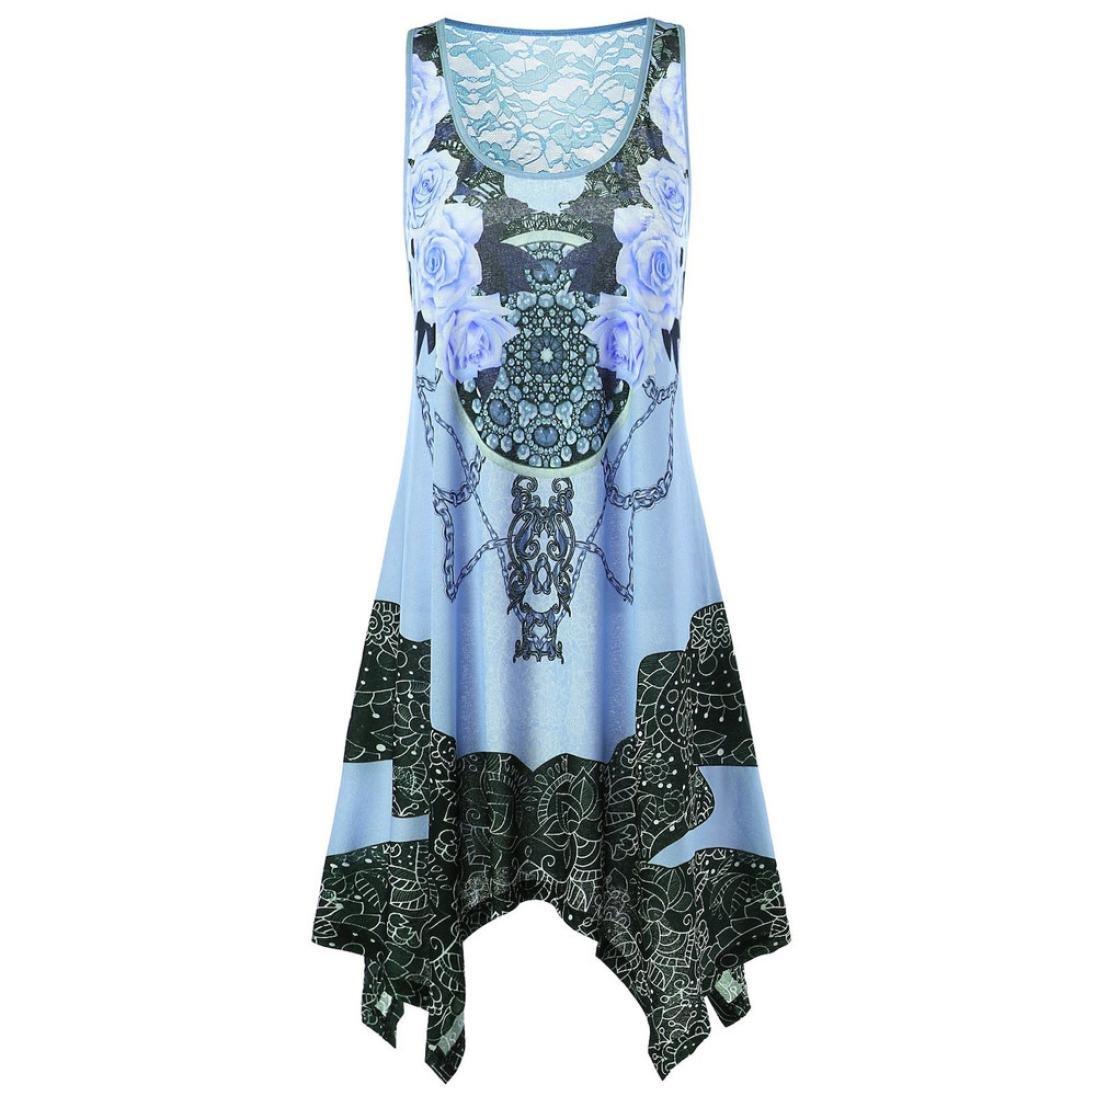 IMJONO Damen Mode Frauen Drucken Taschentuch Asymmetrische Spitze U-Neck Tank Kleid Minikleid IMJONO women Jun.28